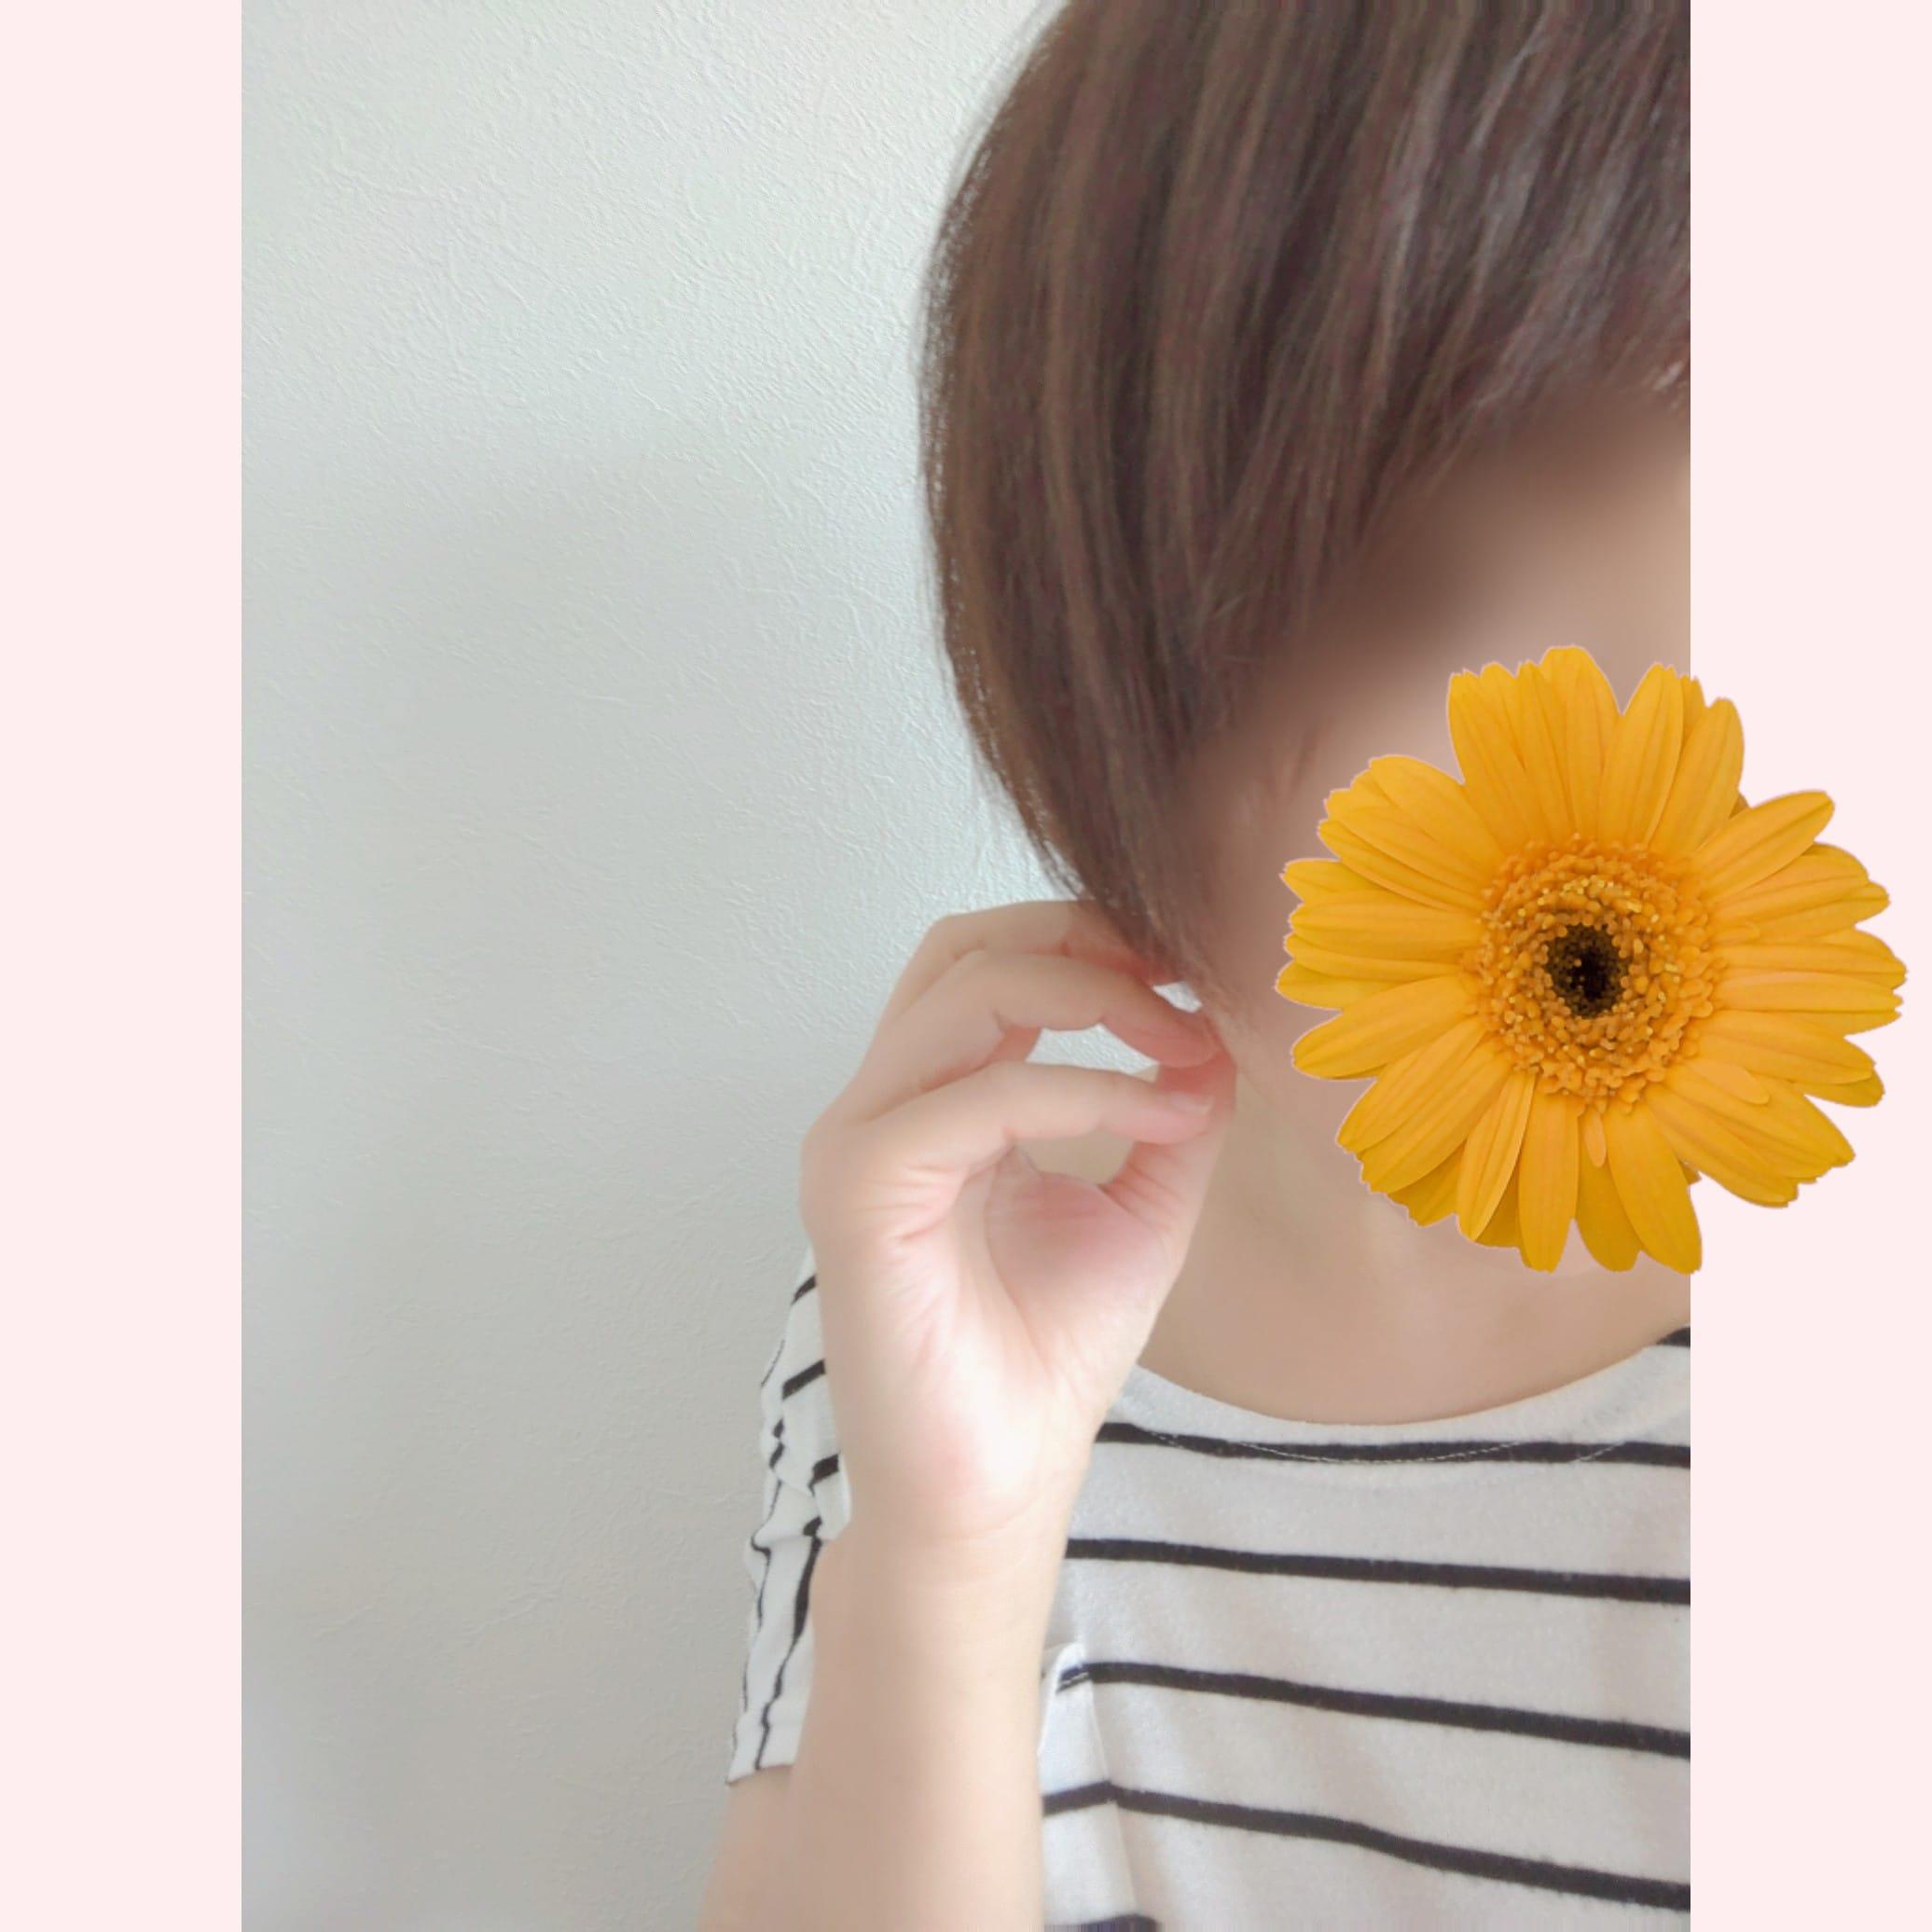 「何事も」07/24(土) 12:30   橘 なつきの写メ日記